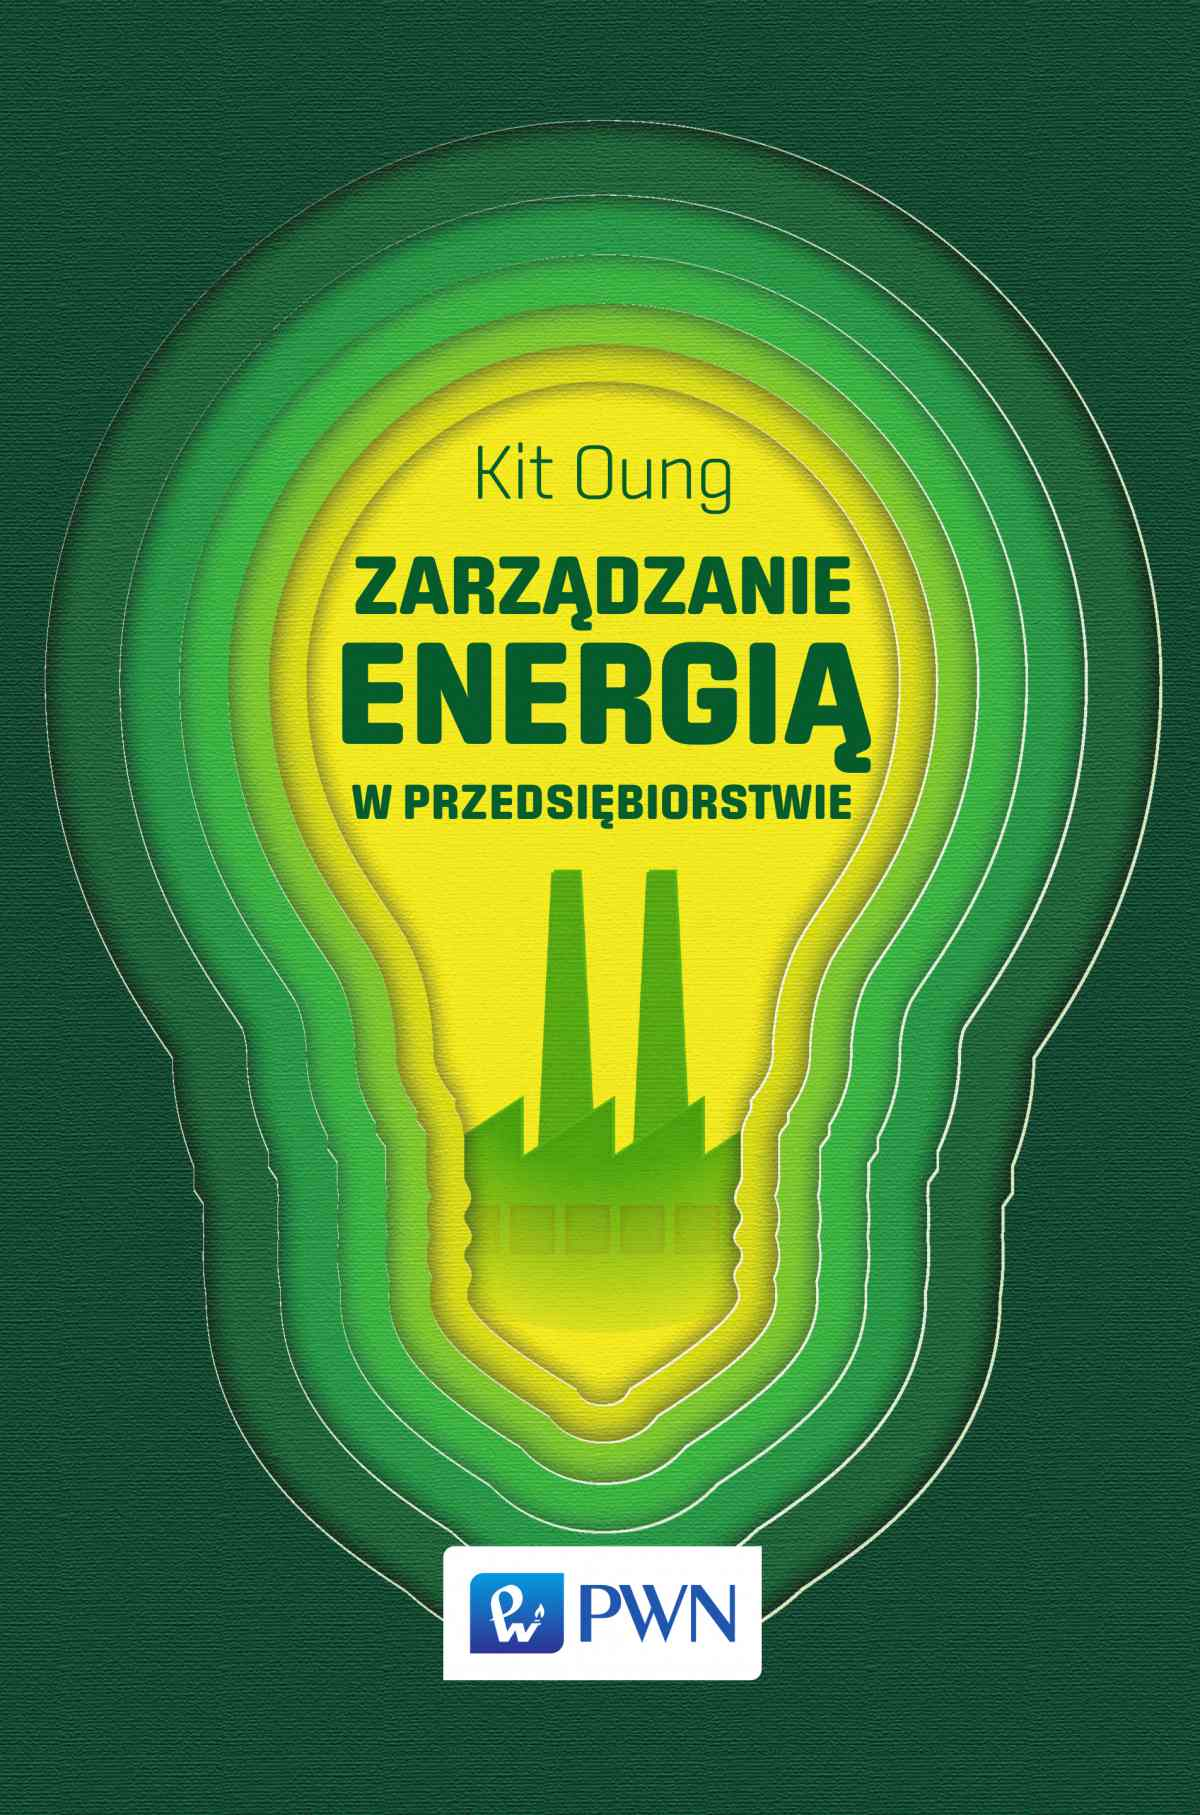 Zarządzanie energią w przedsiębiorstwie - Ebook (Książka na Kindle) do pobrania w formacie MOBI